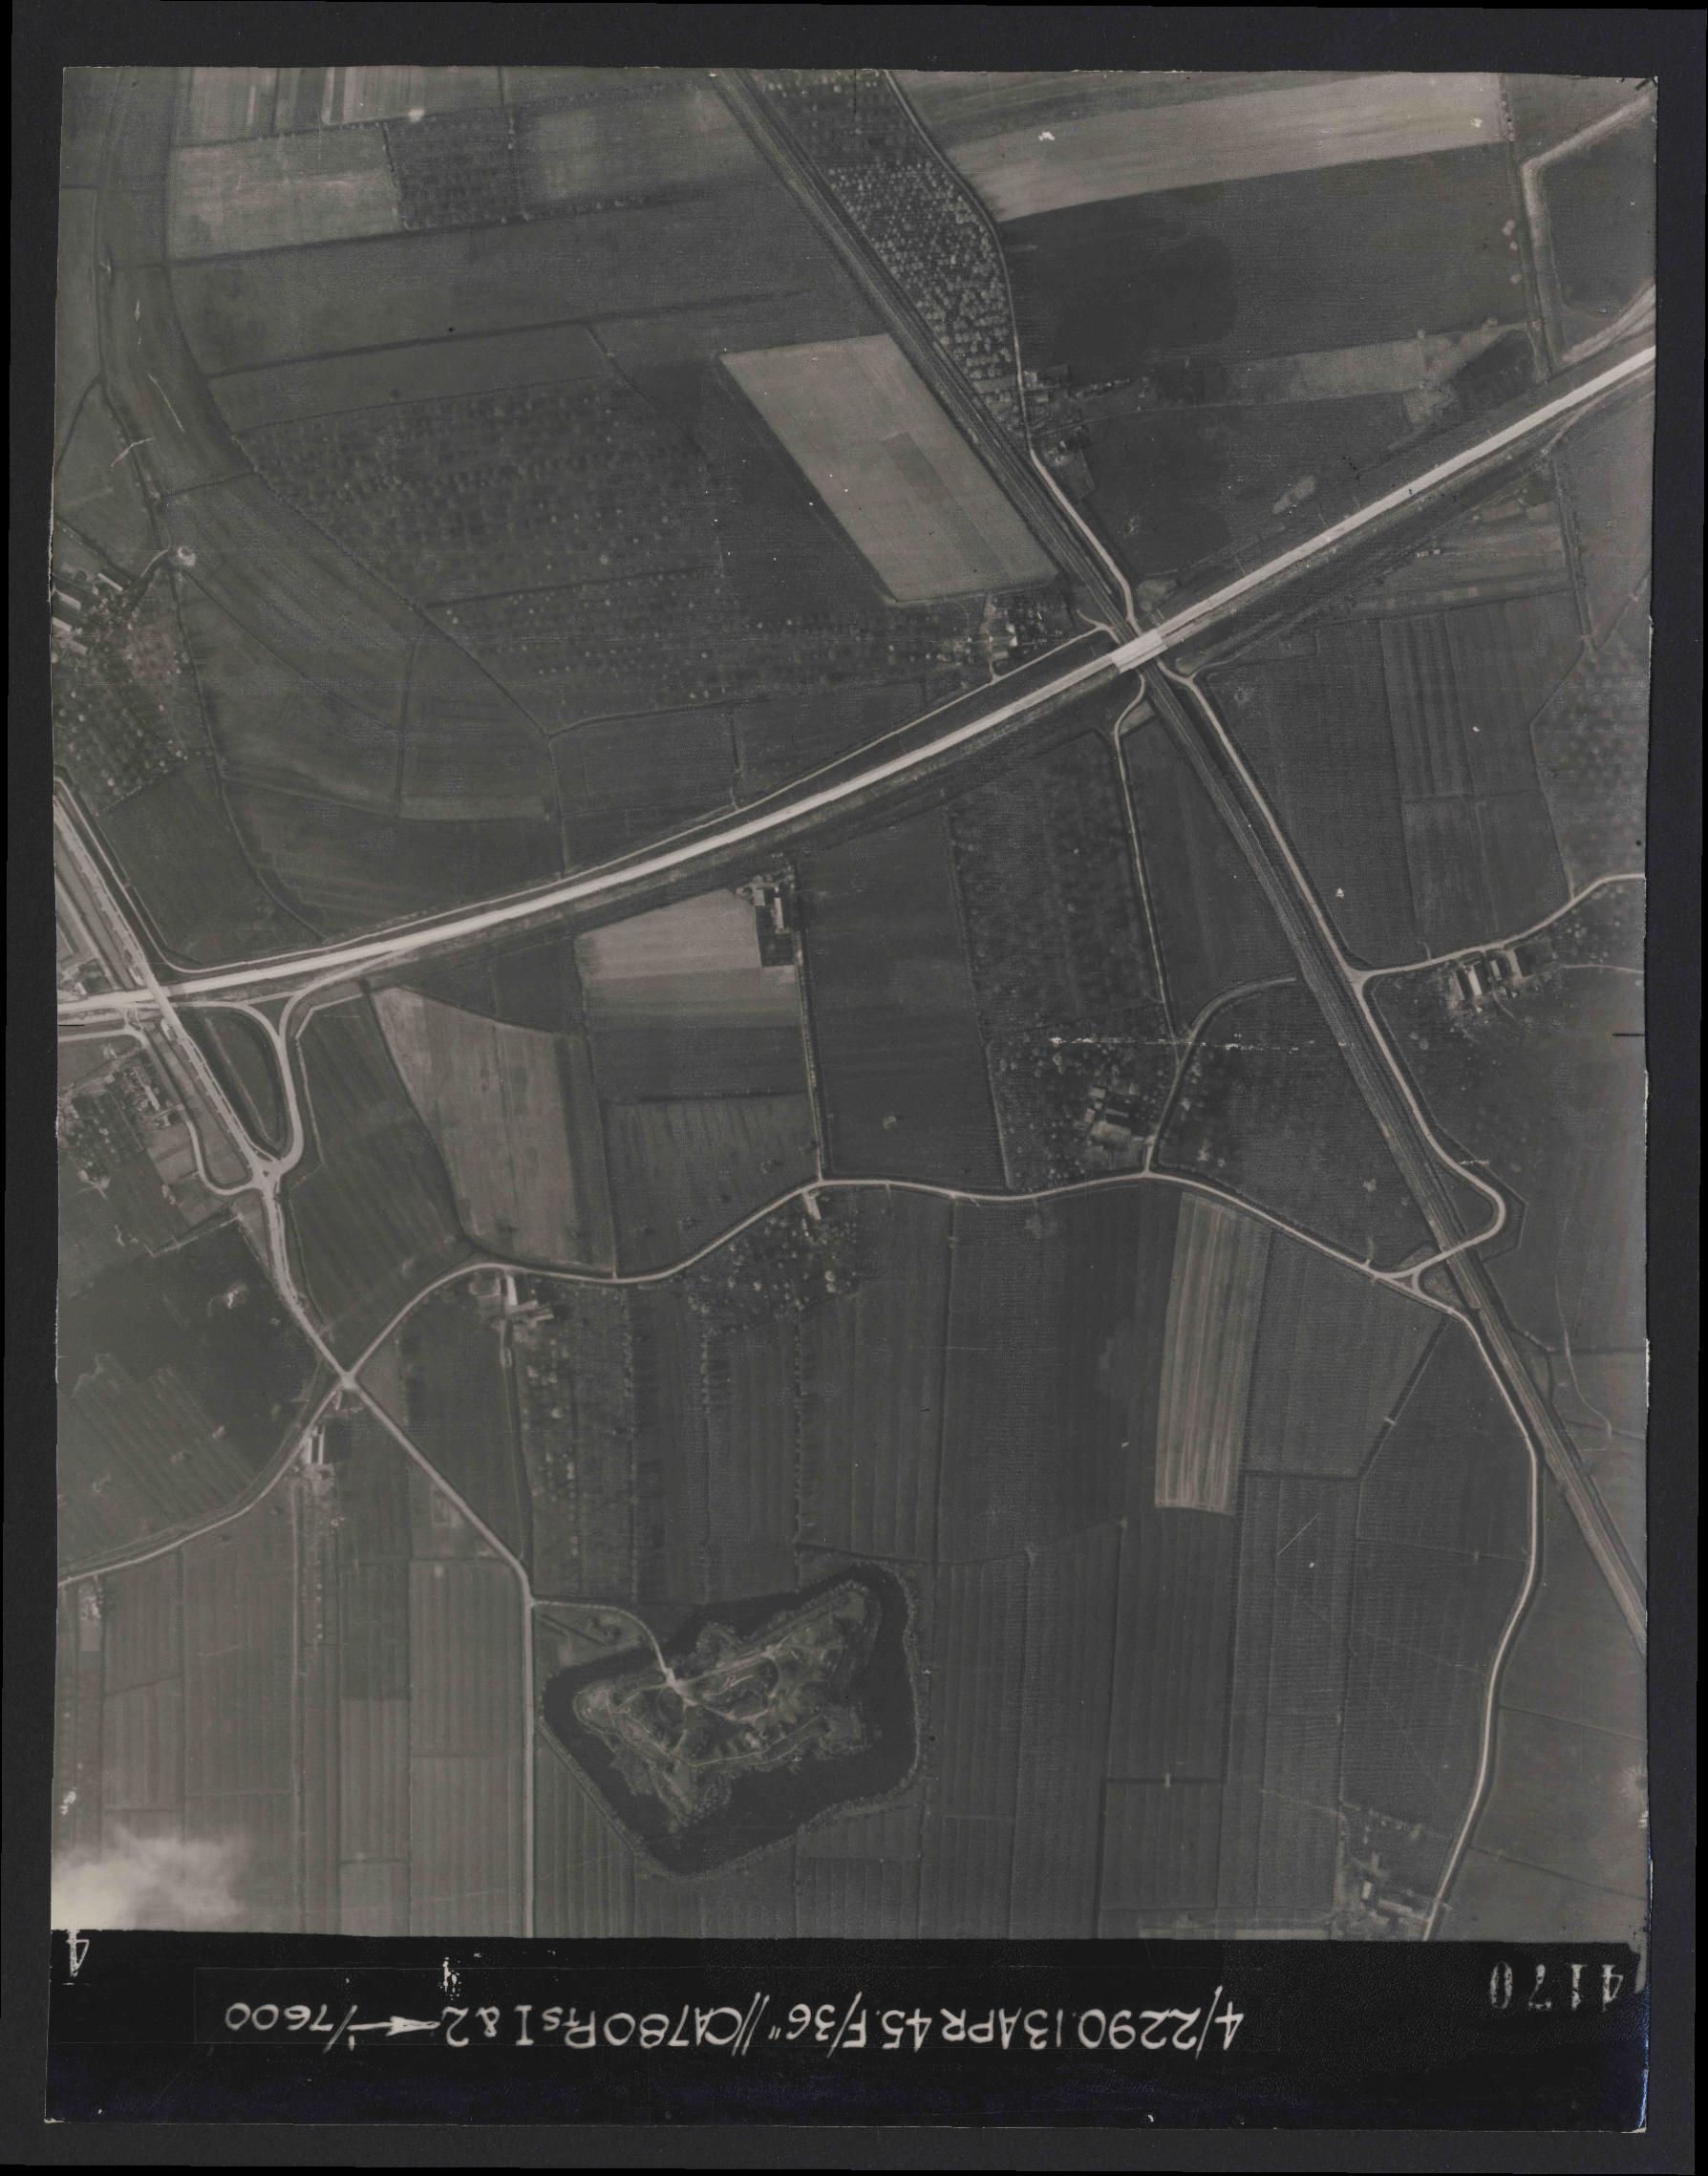 Collection RAF aerial photos 1940-1945 - flight 081, run 18, photo 4170